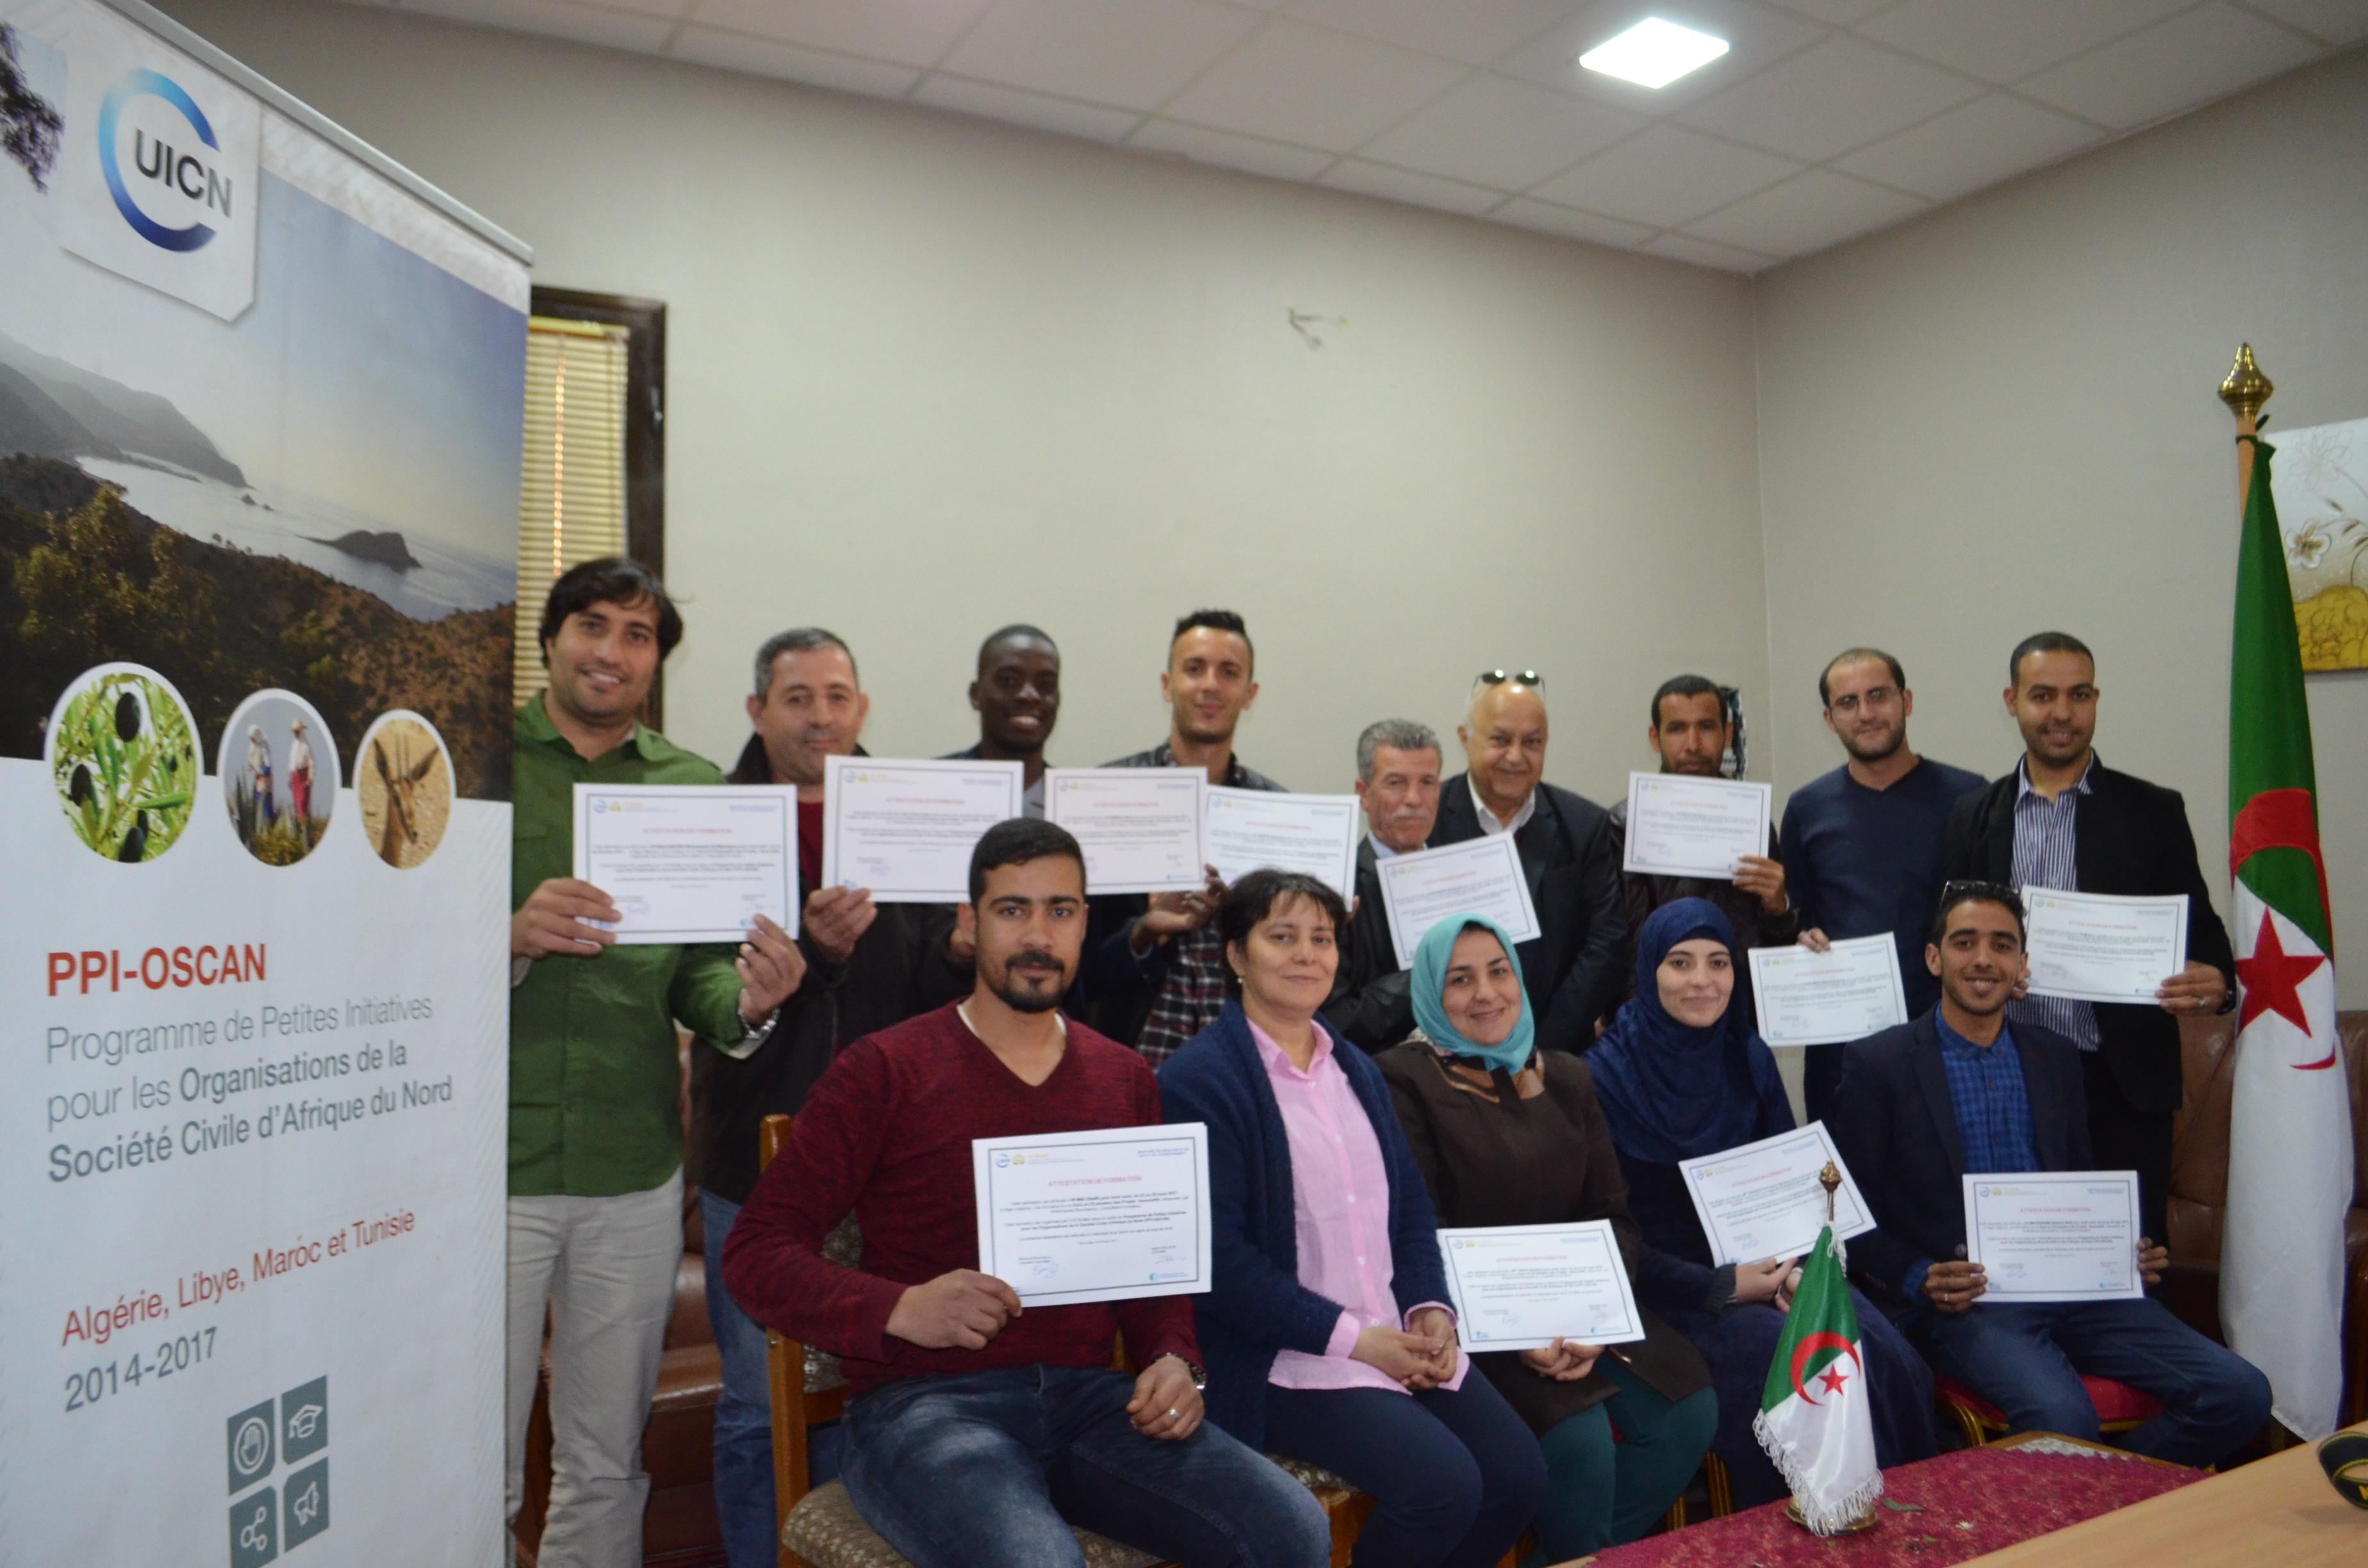 Formation des Associations bénéficiaires en Suivi-Evaluation des Projets Associatifs en Algérie